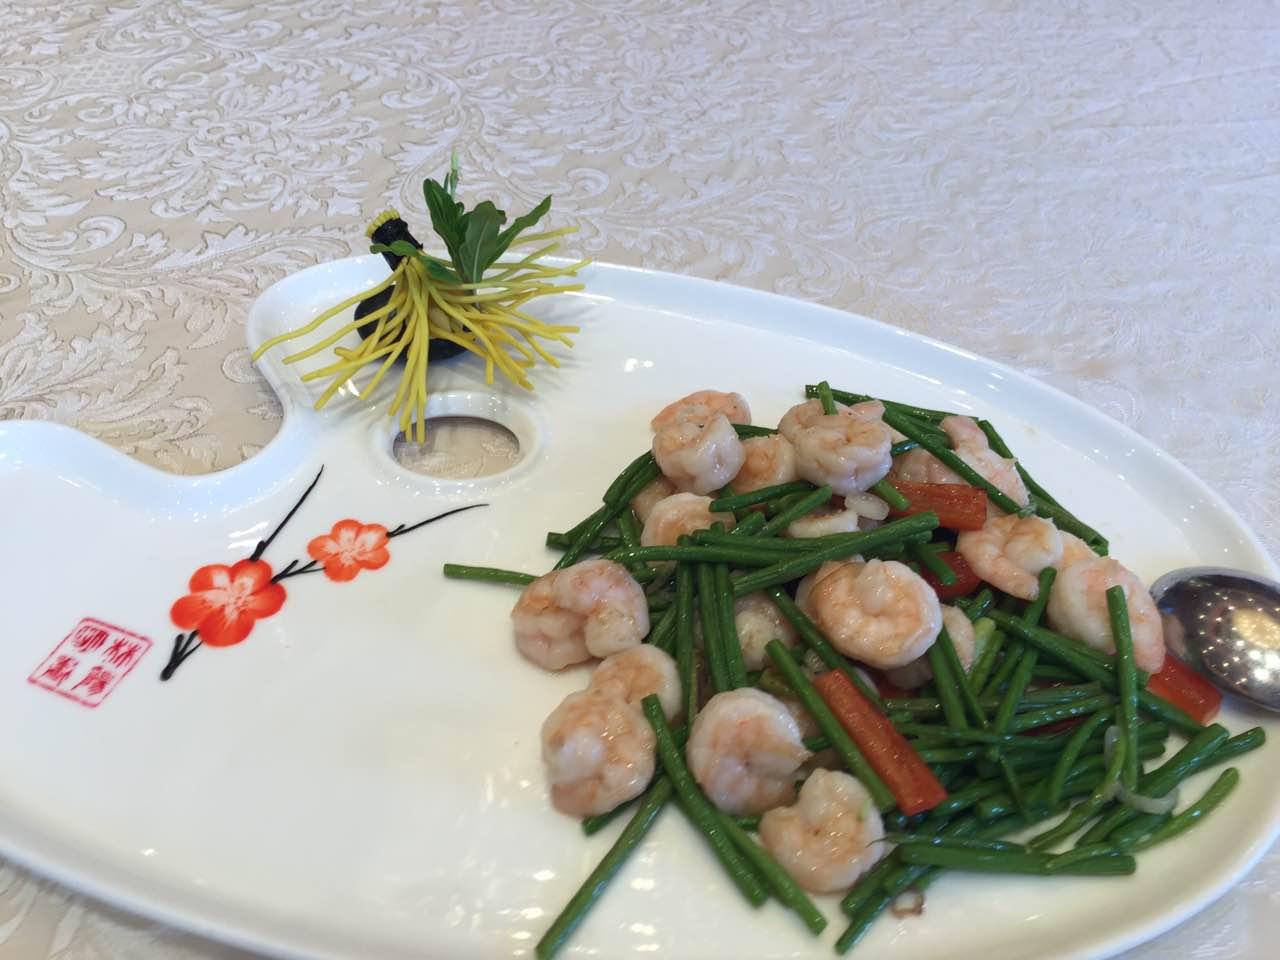 辣木片的功效,云南辣木籽功效,印度辣木籽如何食用,籽